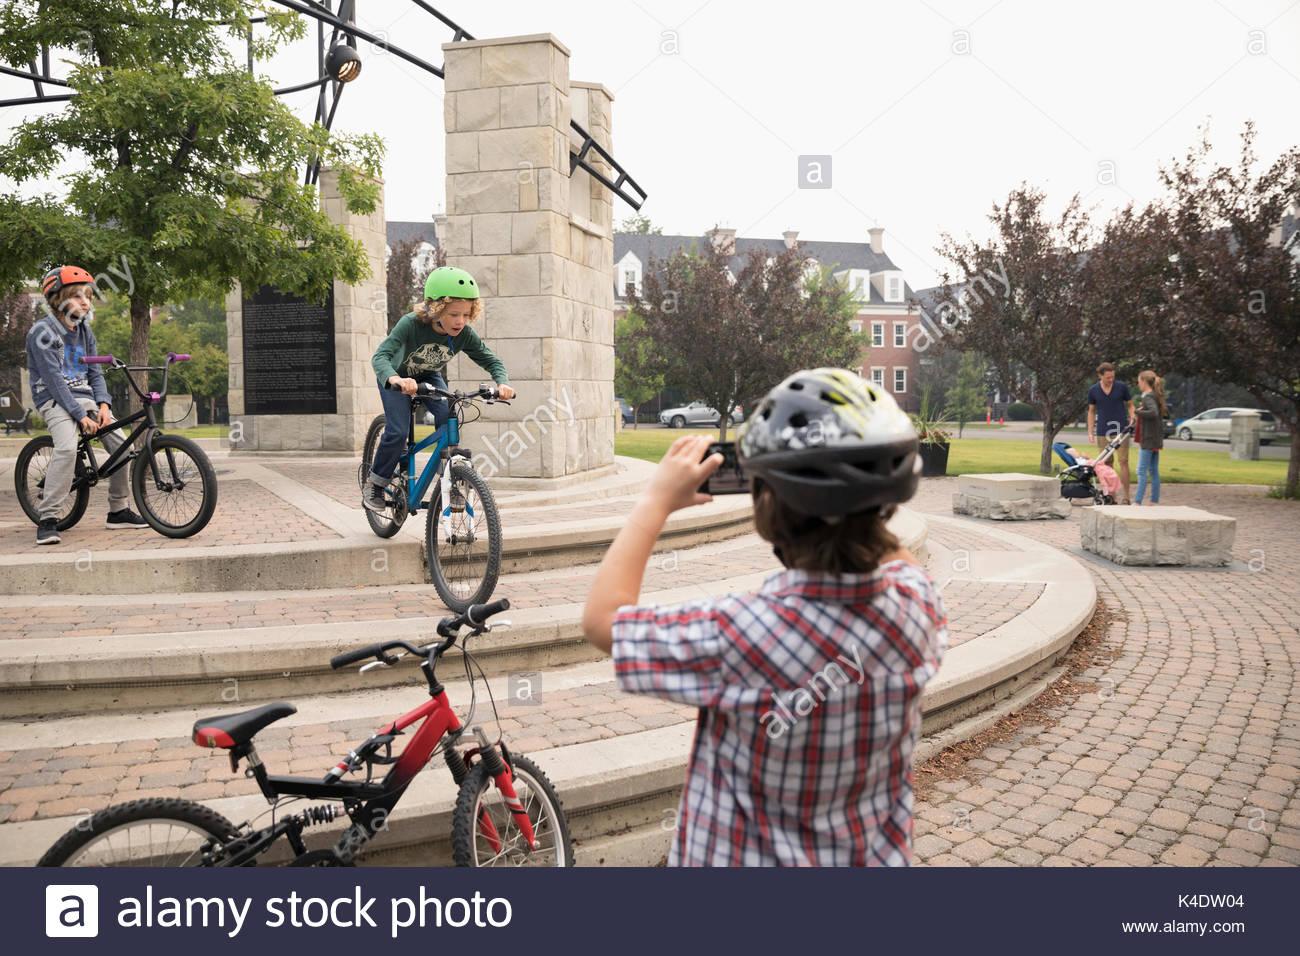 Ragazzo con smart phone di filmare gli amici di andare in bicicletta sulle fasi di stazionamento Immagini Stock